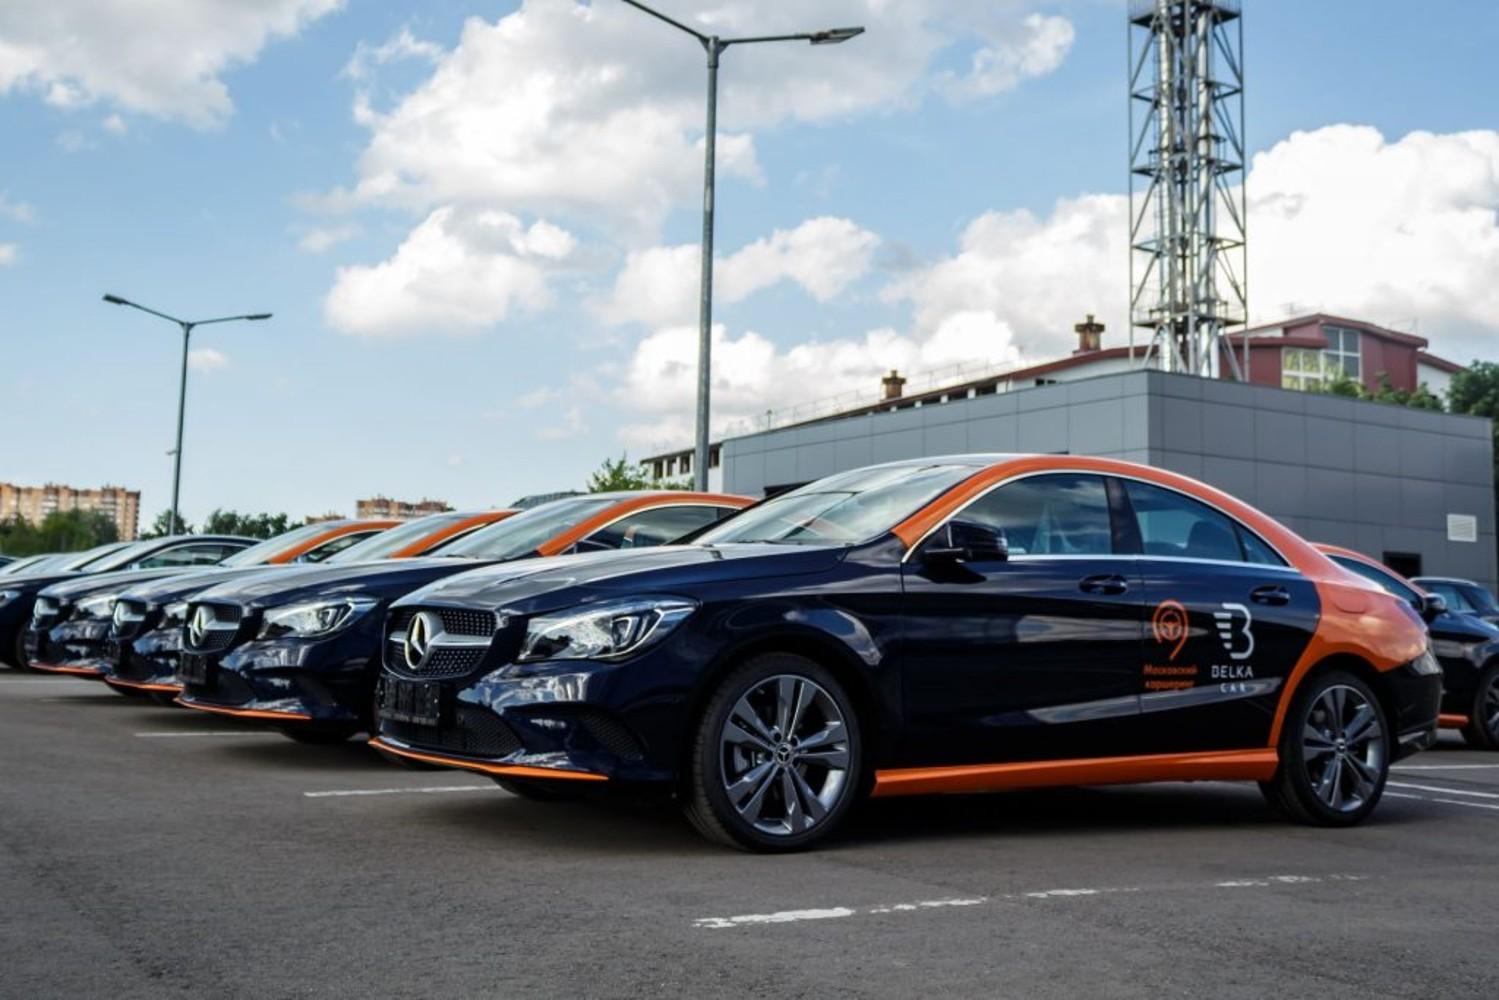 Фото: vk.com/promocode_belkacar